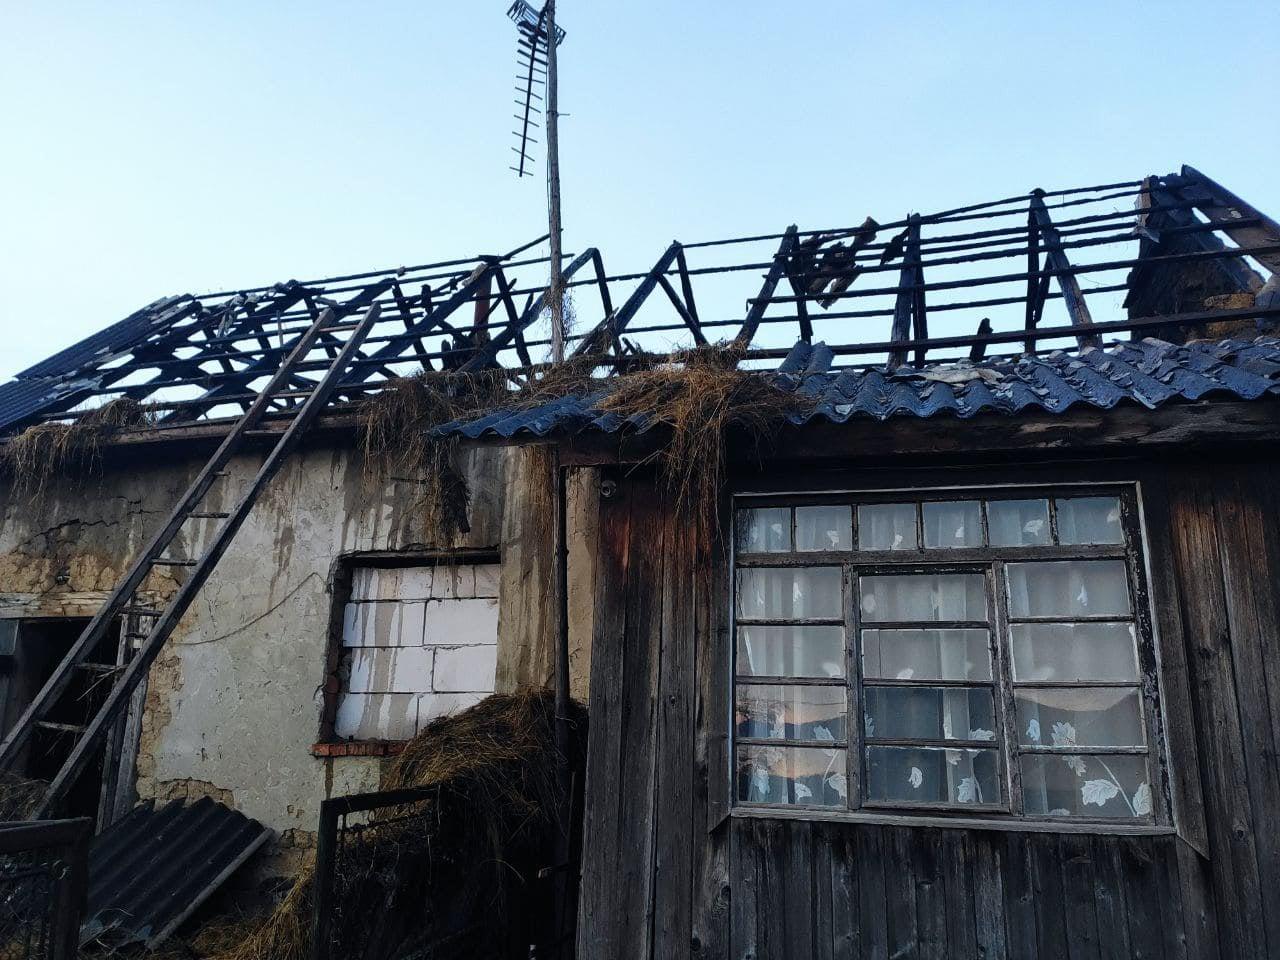 Вчасне виявлення пожежі врятувало від значних збитків